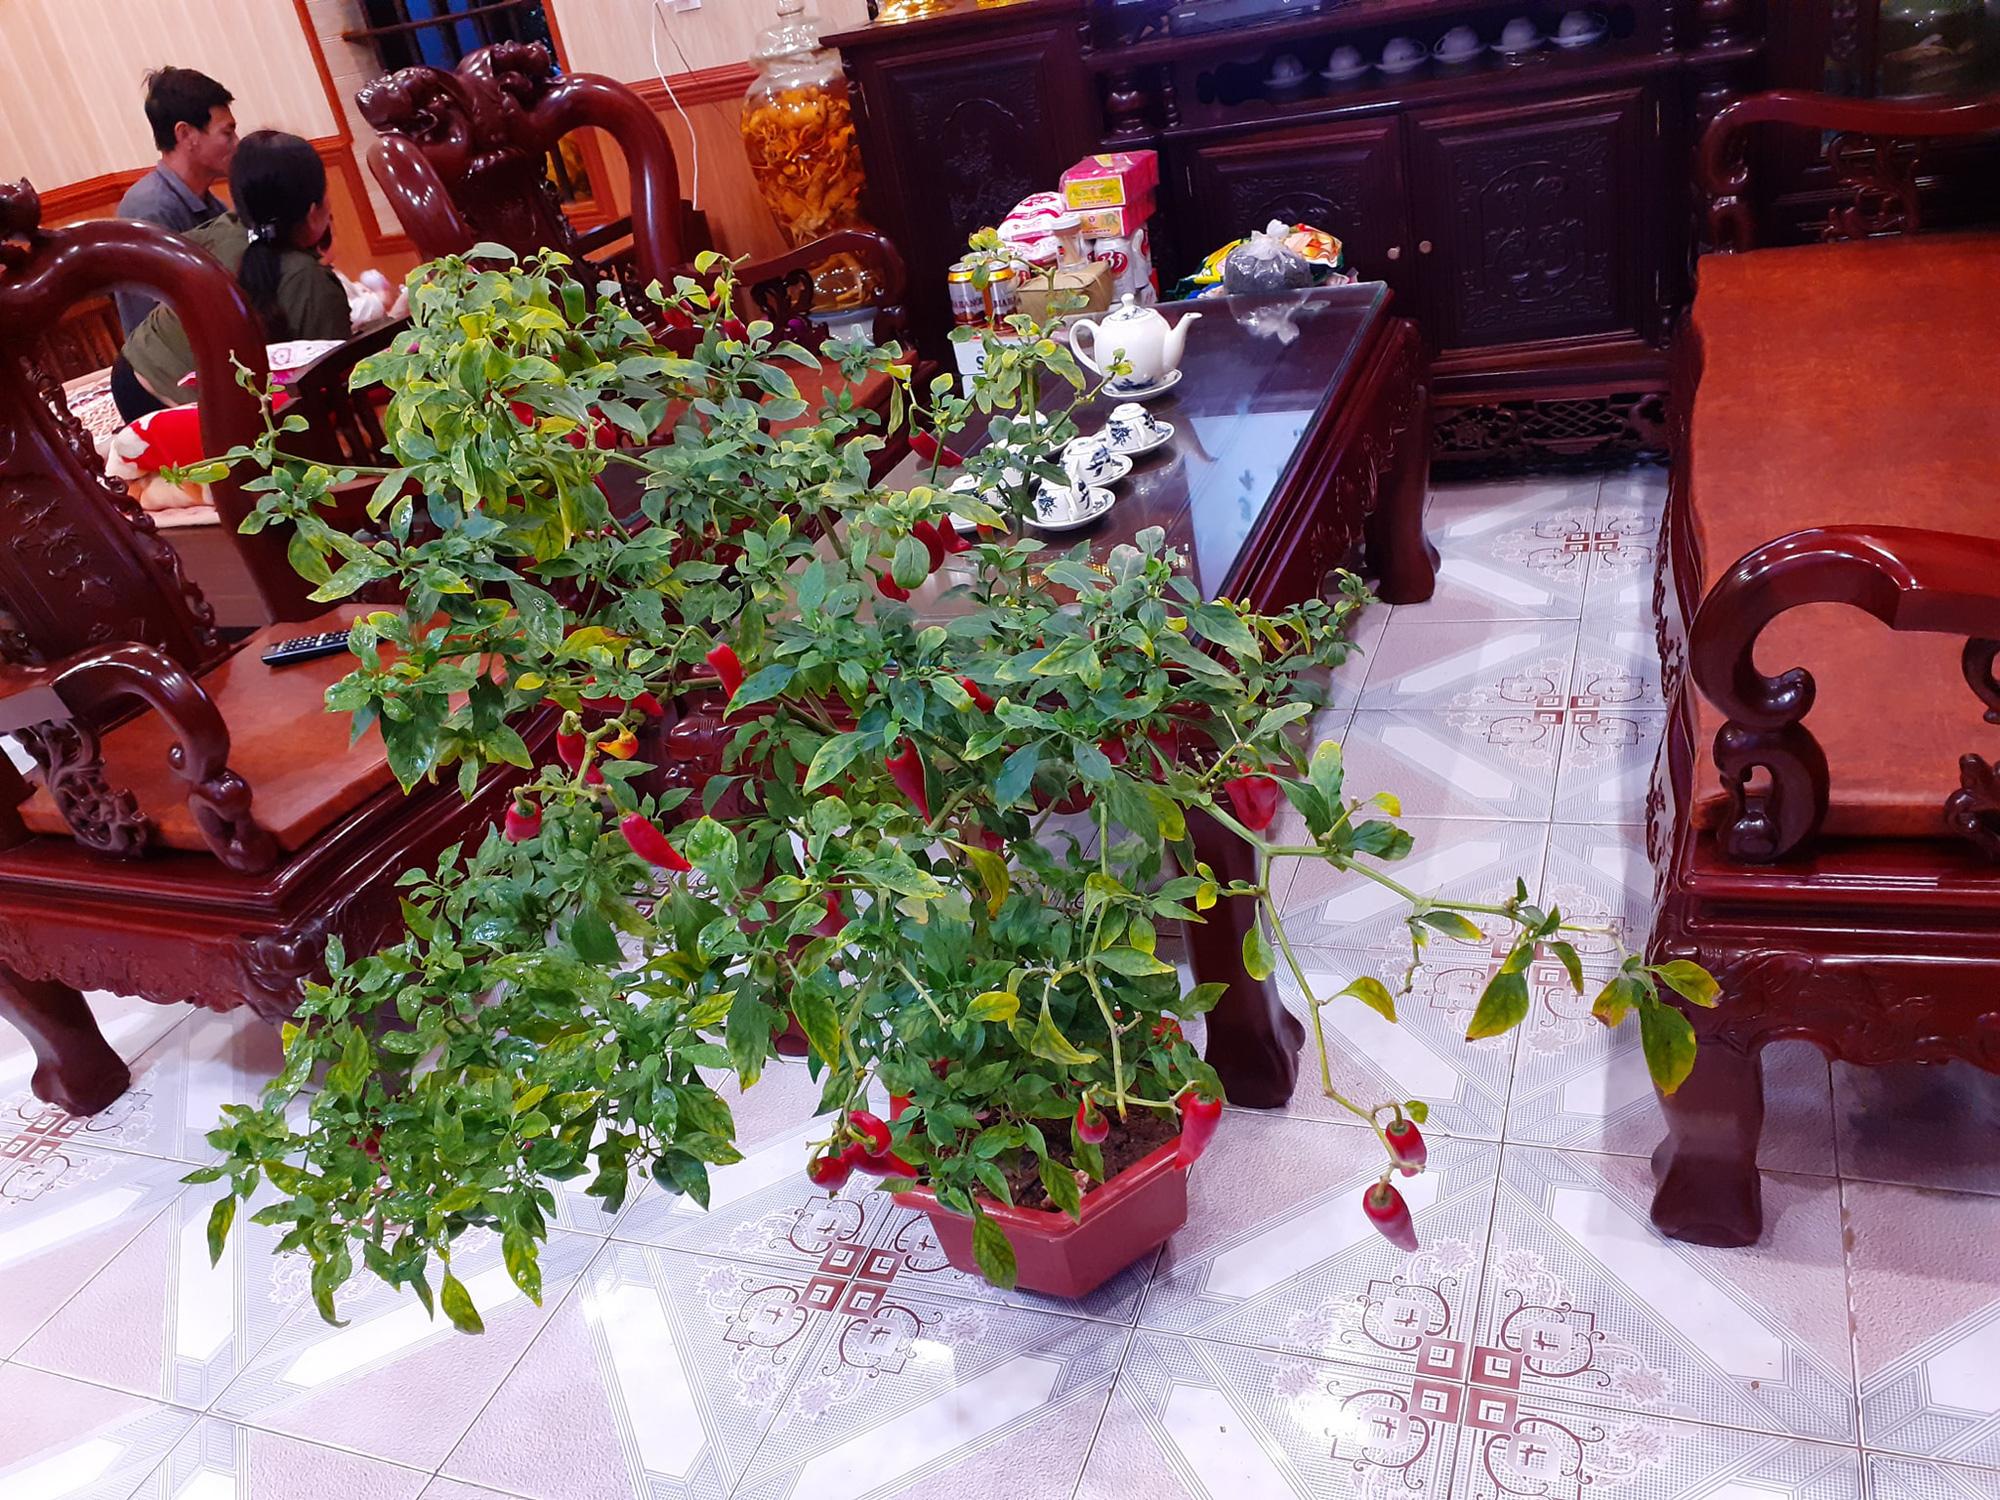 """Chán đào, quất ngày Tết, dân mạng """"đổi gió"""" sang chơi loạt cây bonsai chất lừ: Củ cải khổng lồ nở hoa tím biếc, táo lùn """"pha-ke"""" chi chít quả đỏ - Ảnh 4."""